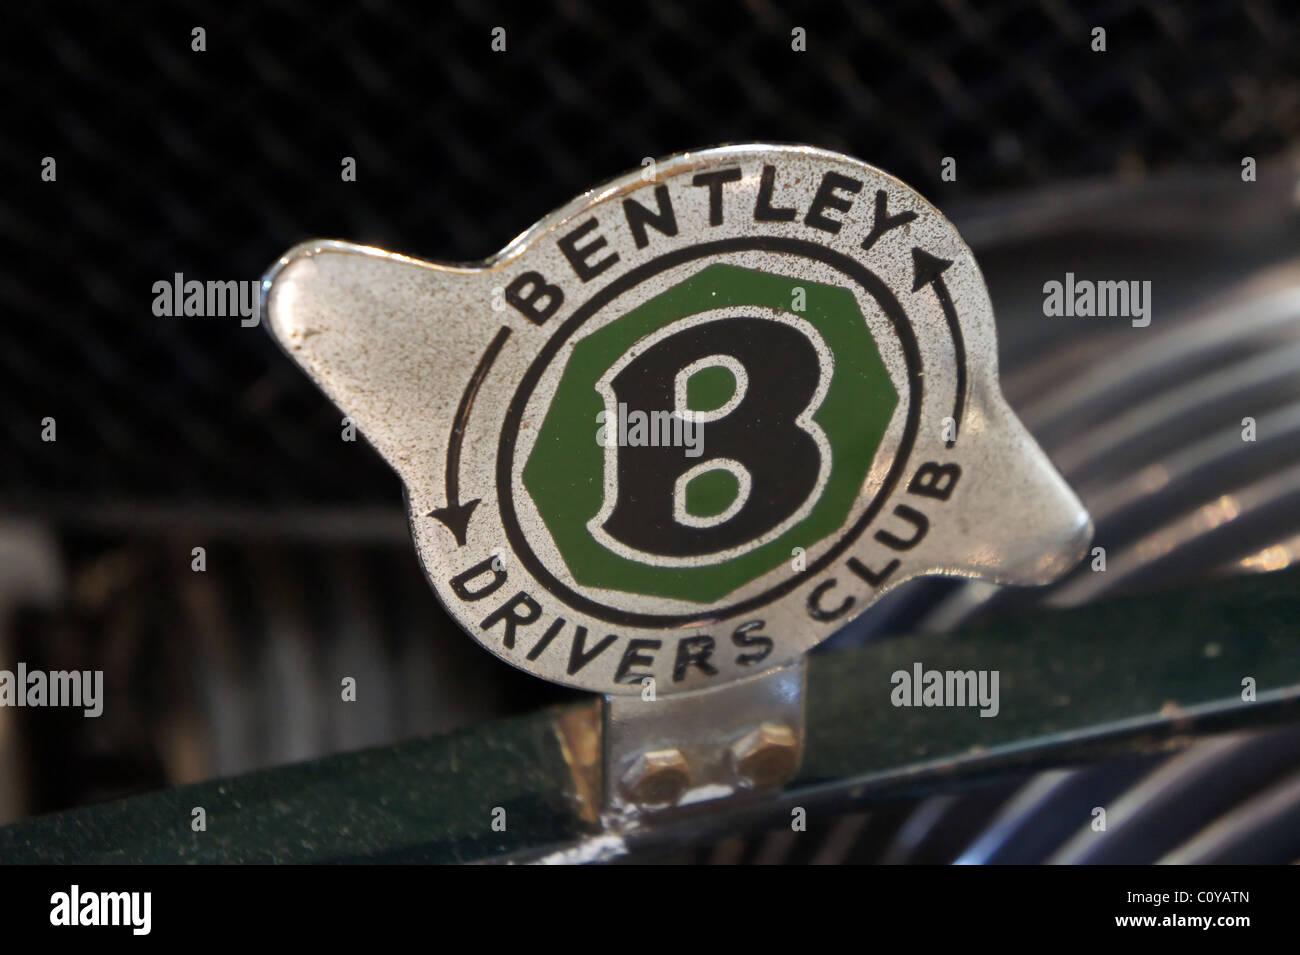 Bentley-Fahrer-Club-Abzeichen Stockbild